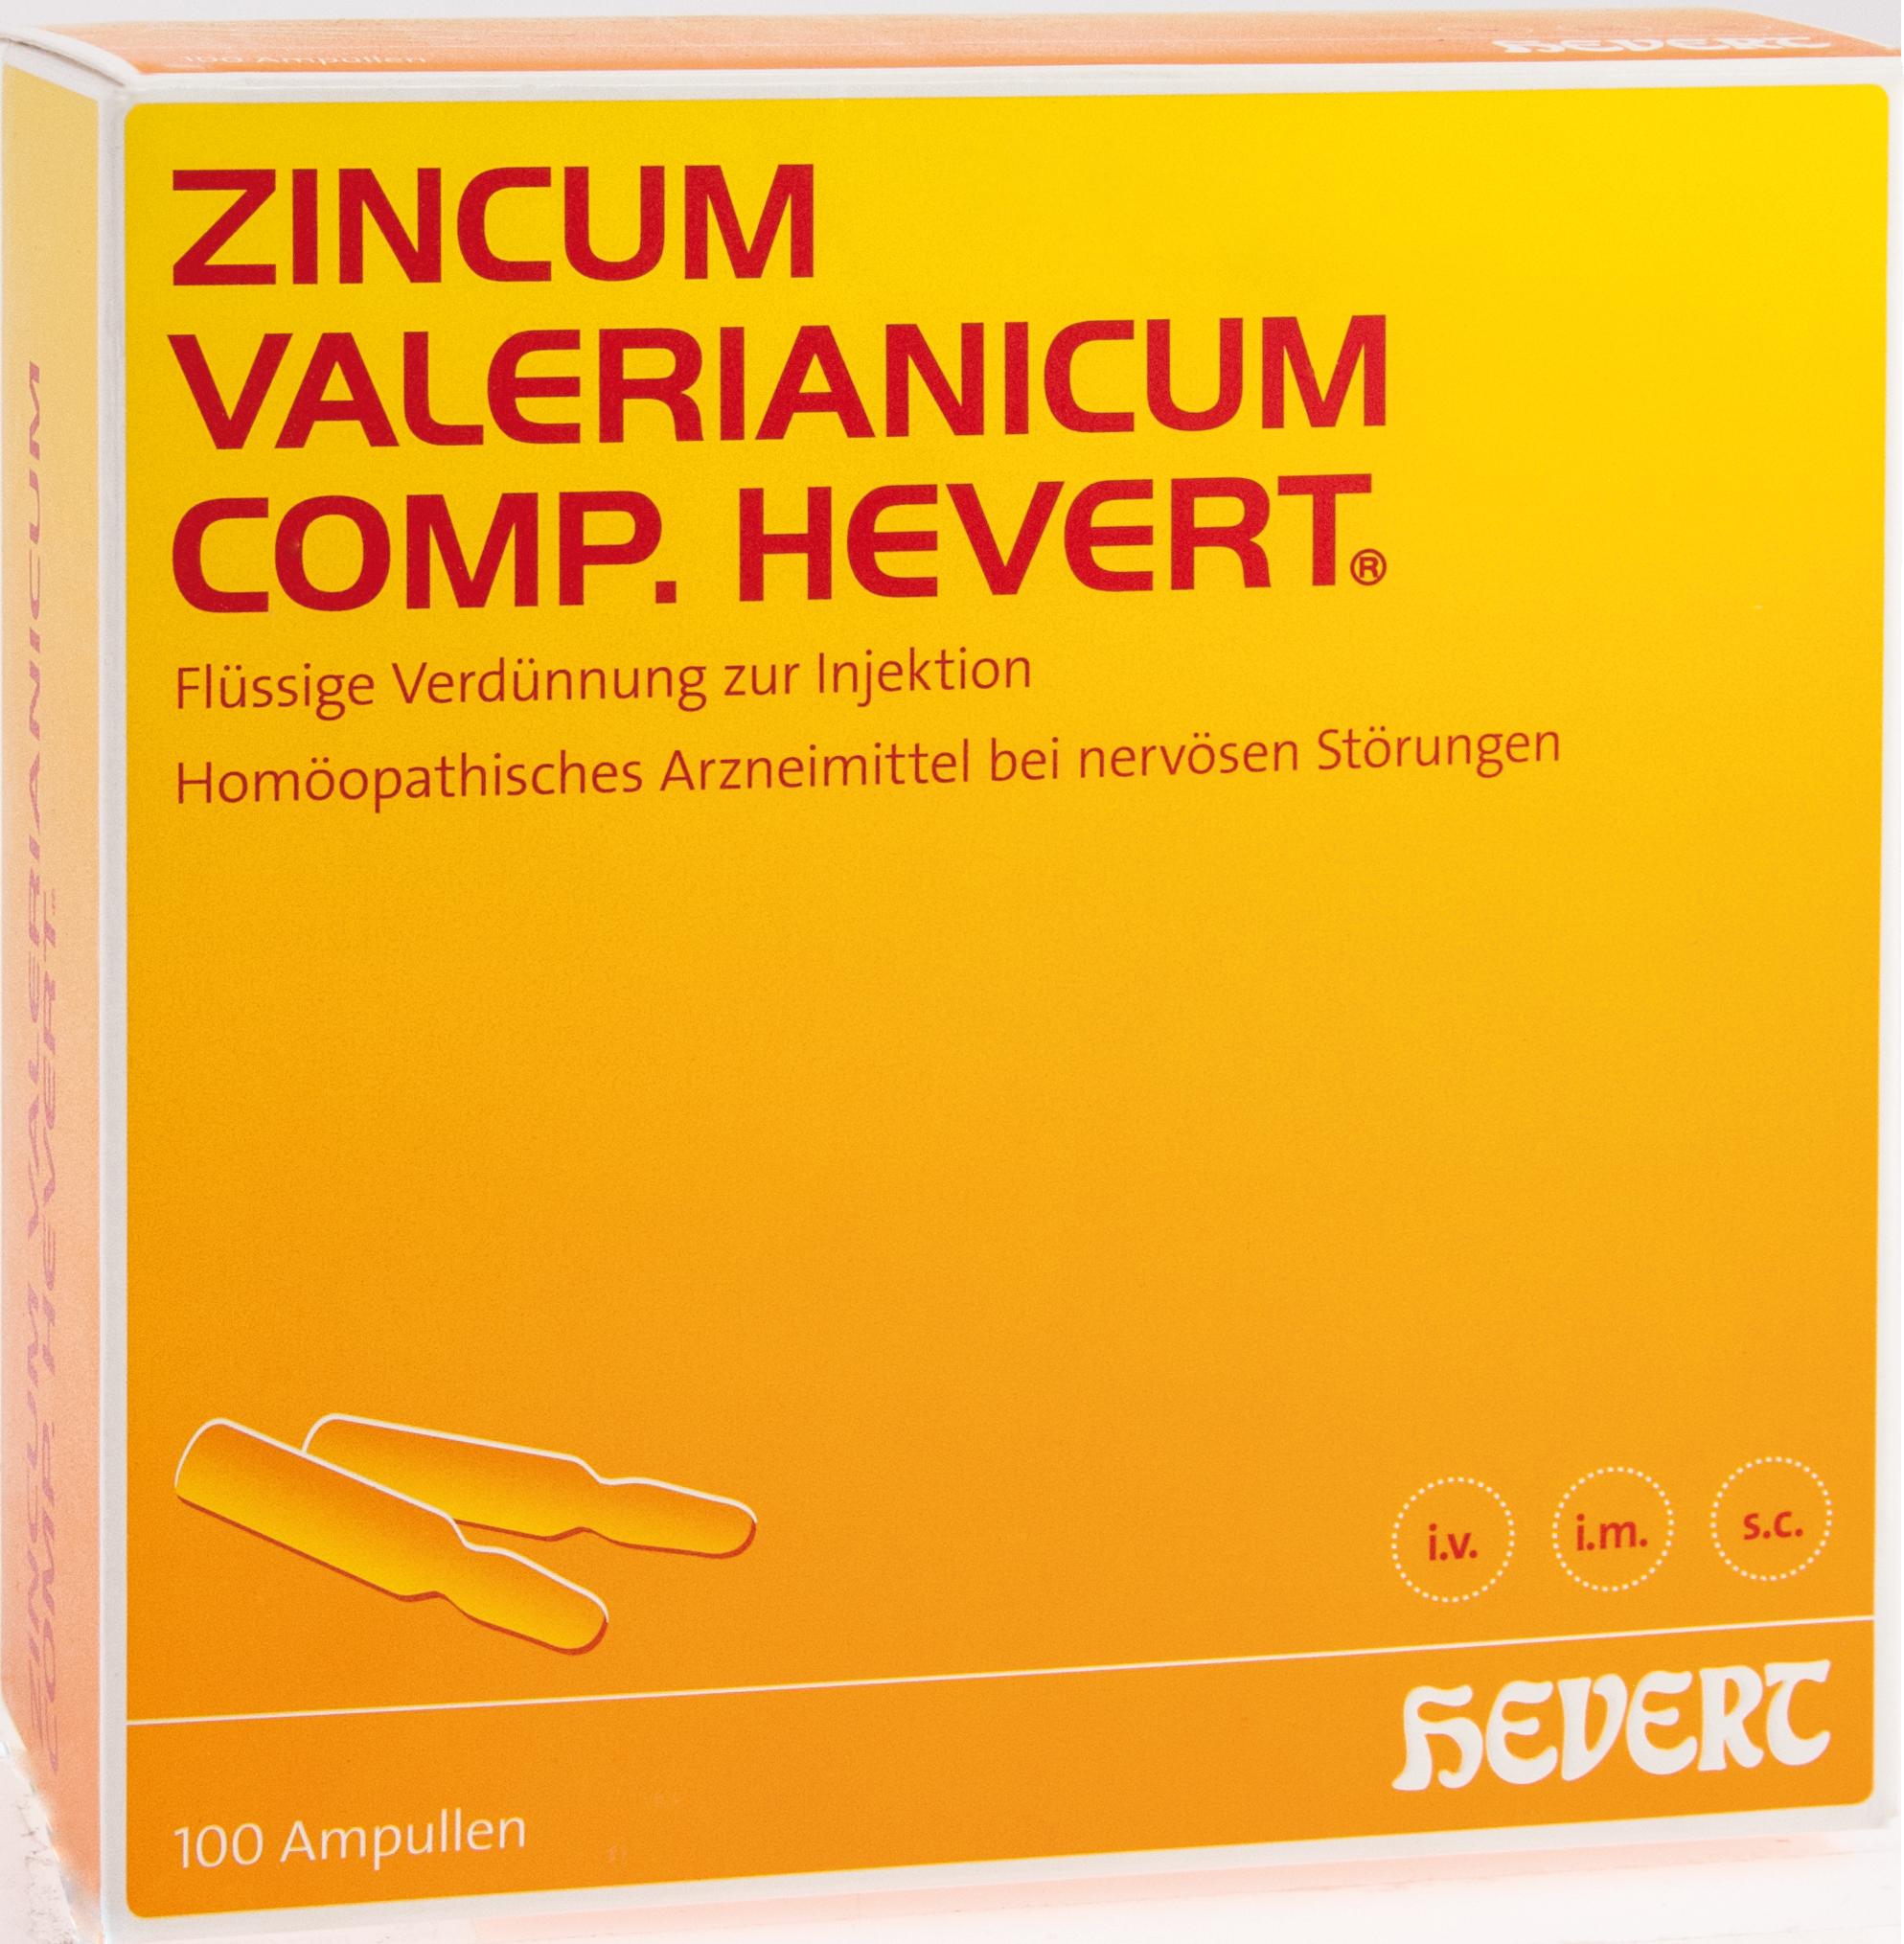 Zincum valerianicum comp.Hevert